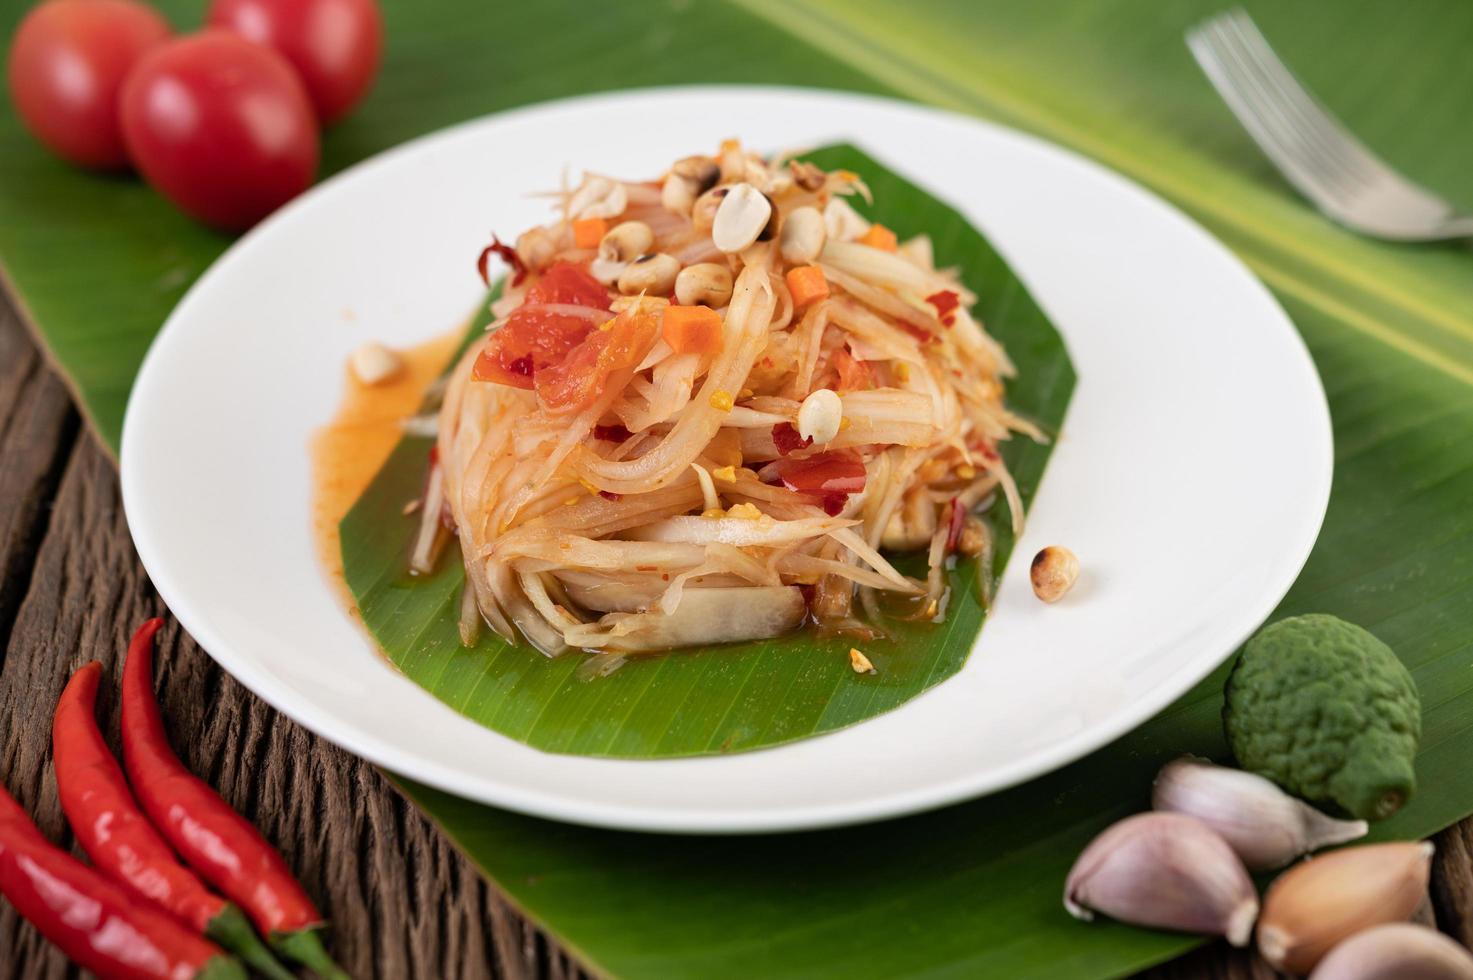 salade de papaye thaï aux feuilles de bananier et ingrédients frais photo